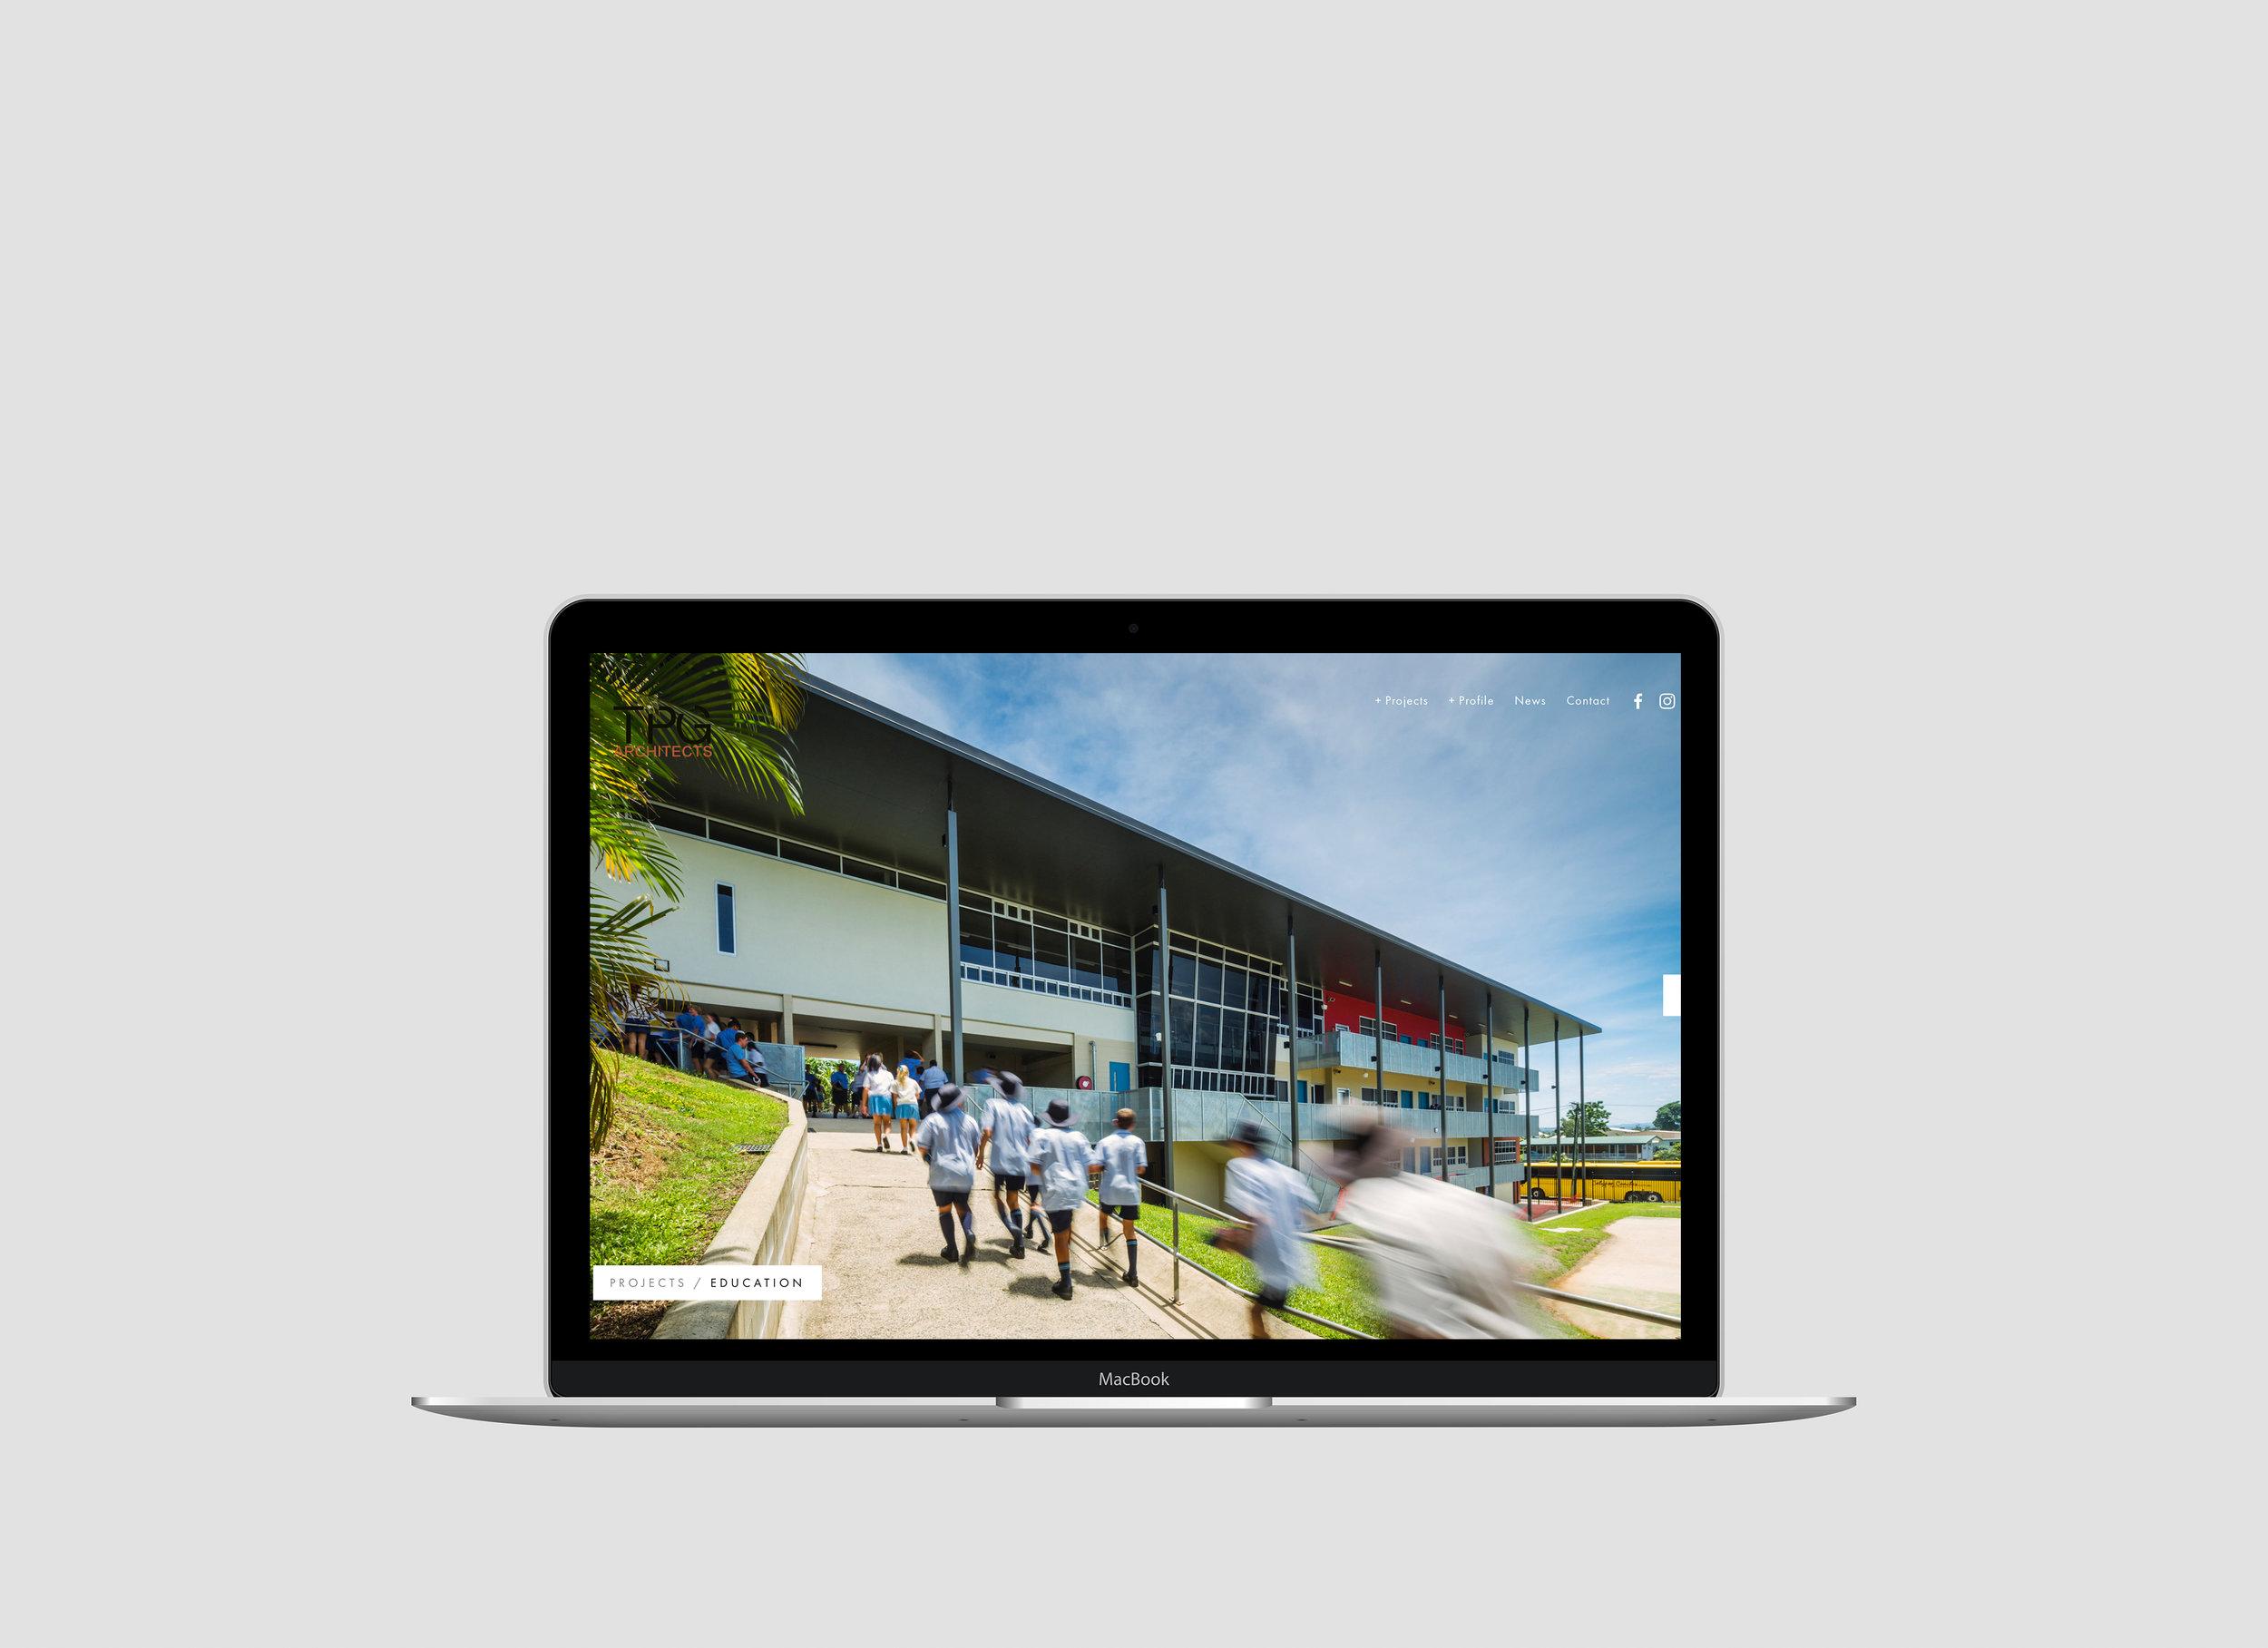 macbook tpg website mockup 4.jpg